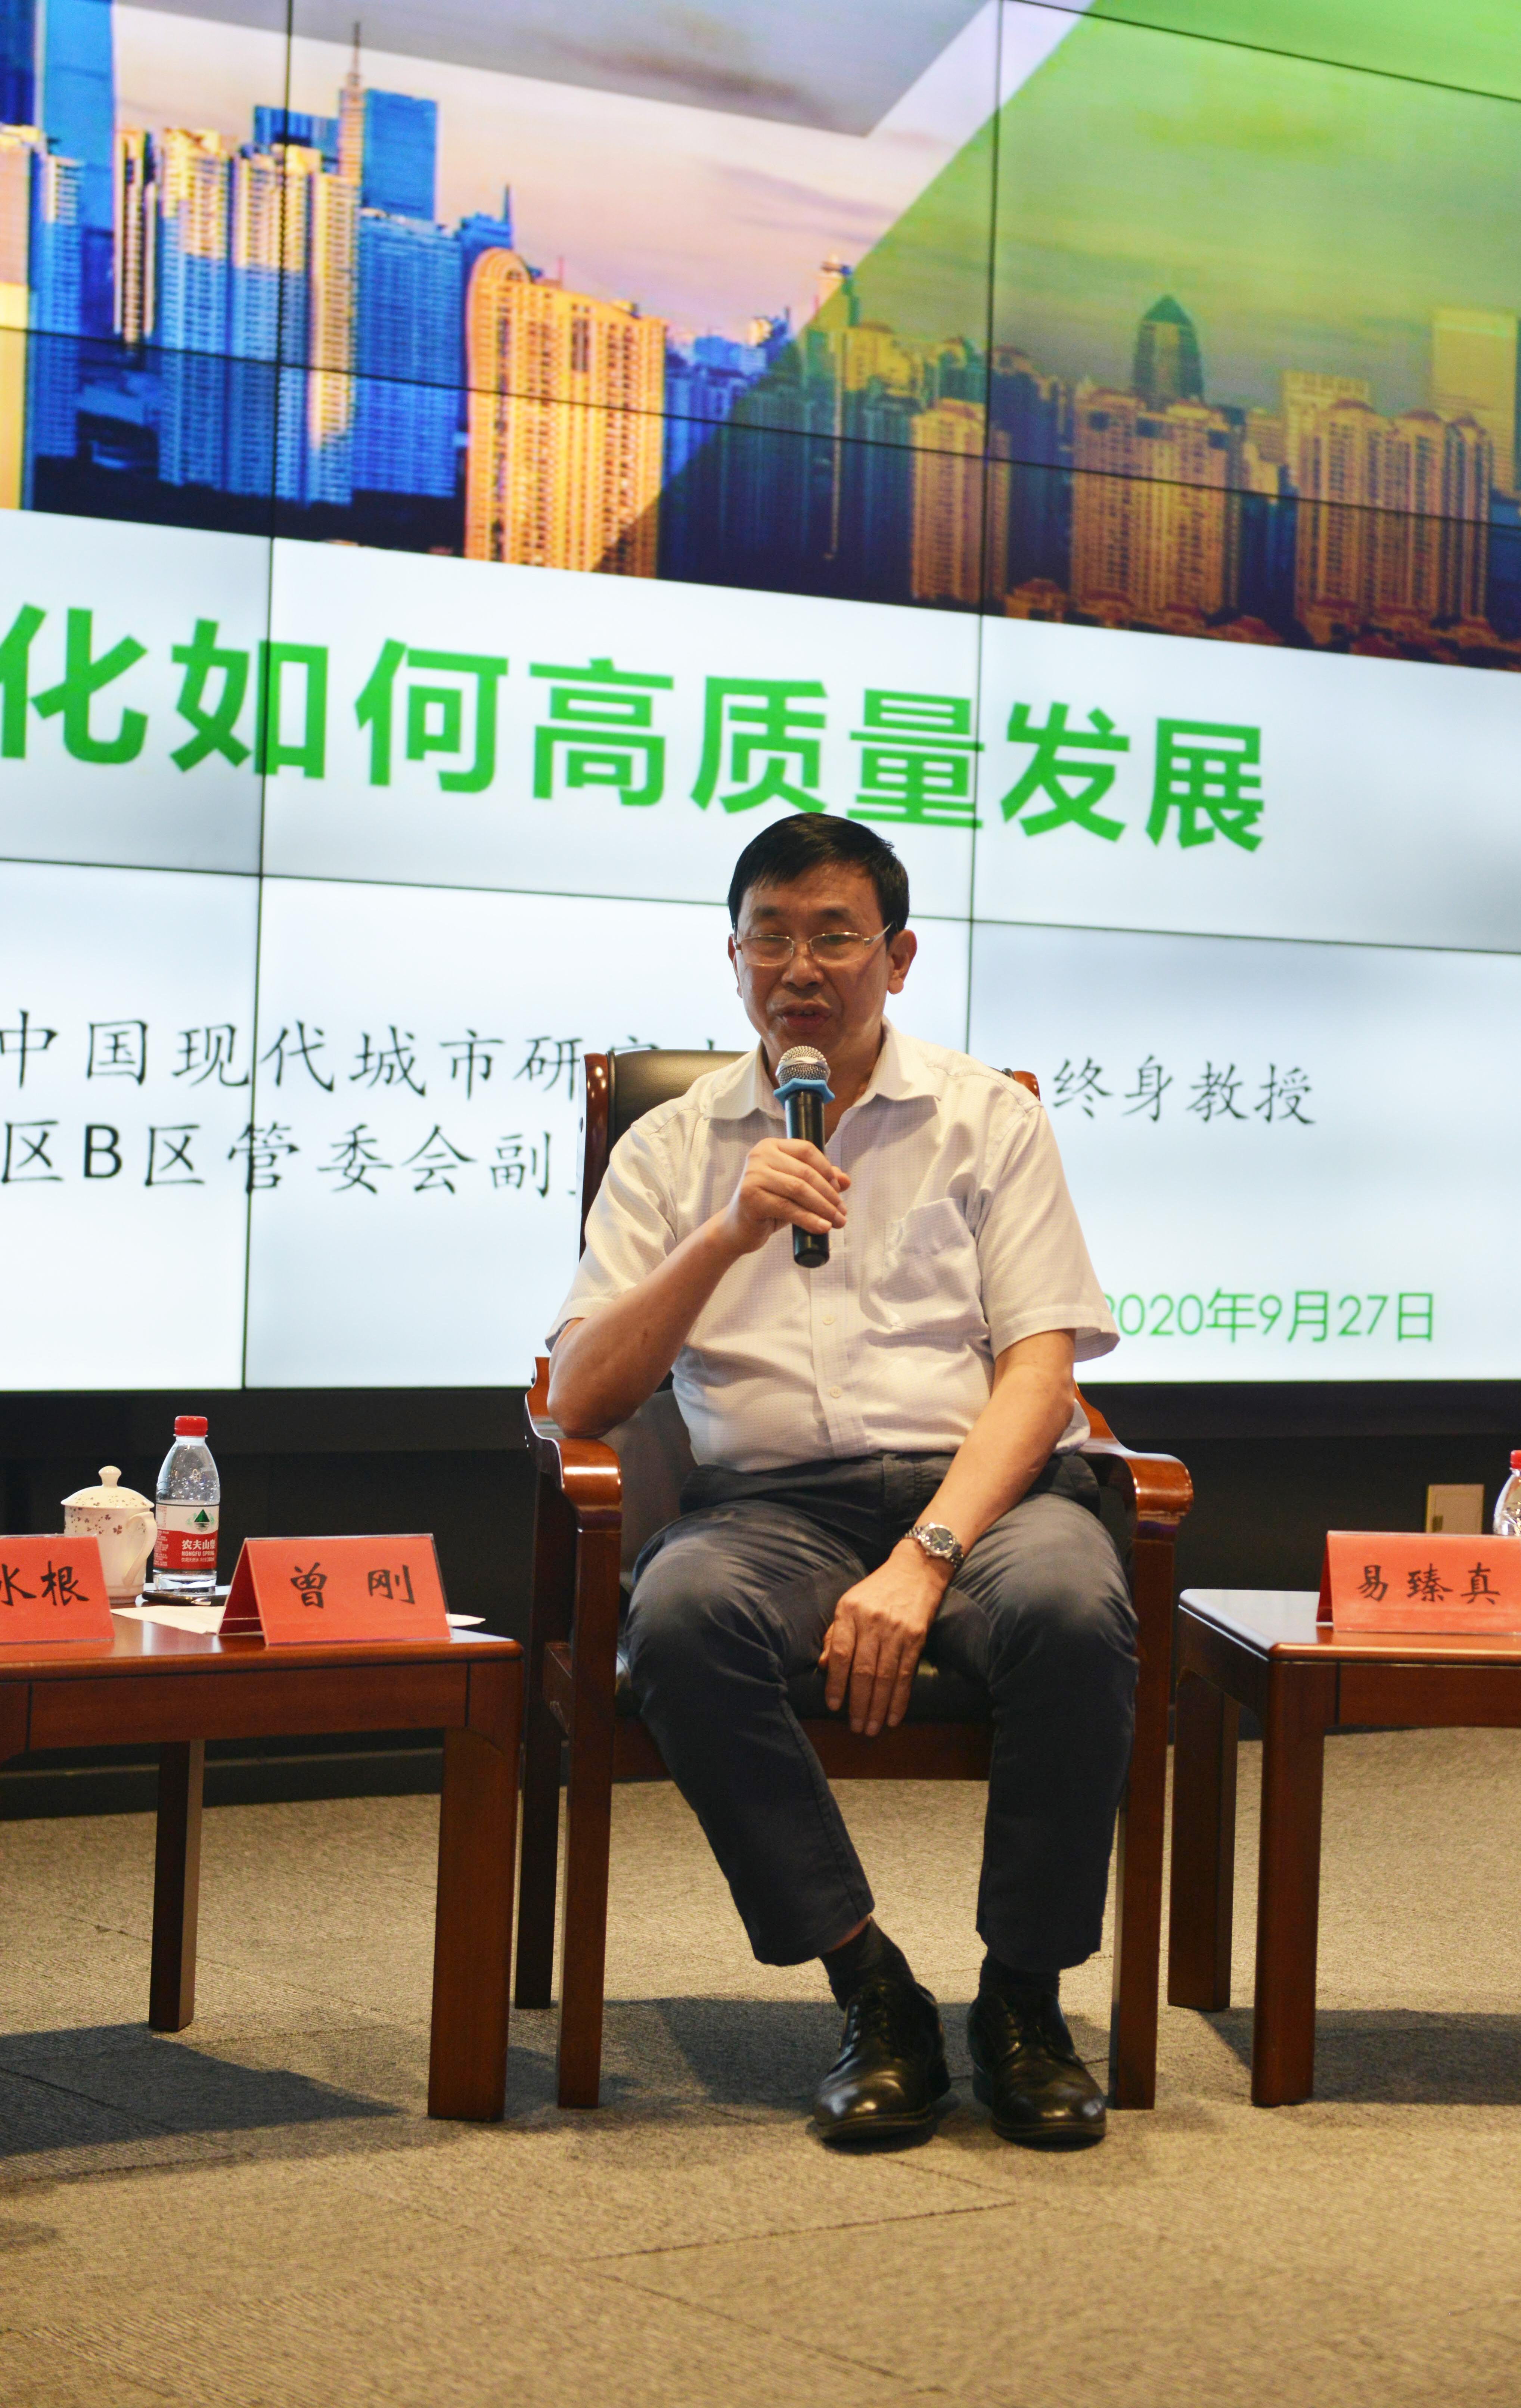 华东师范大学城市发展钻研院院长曾刚教授。